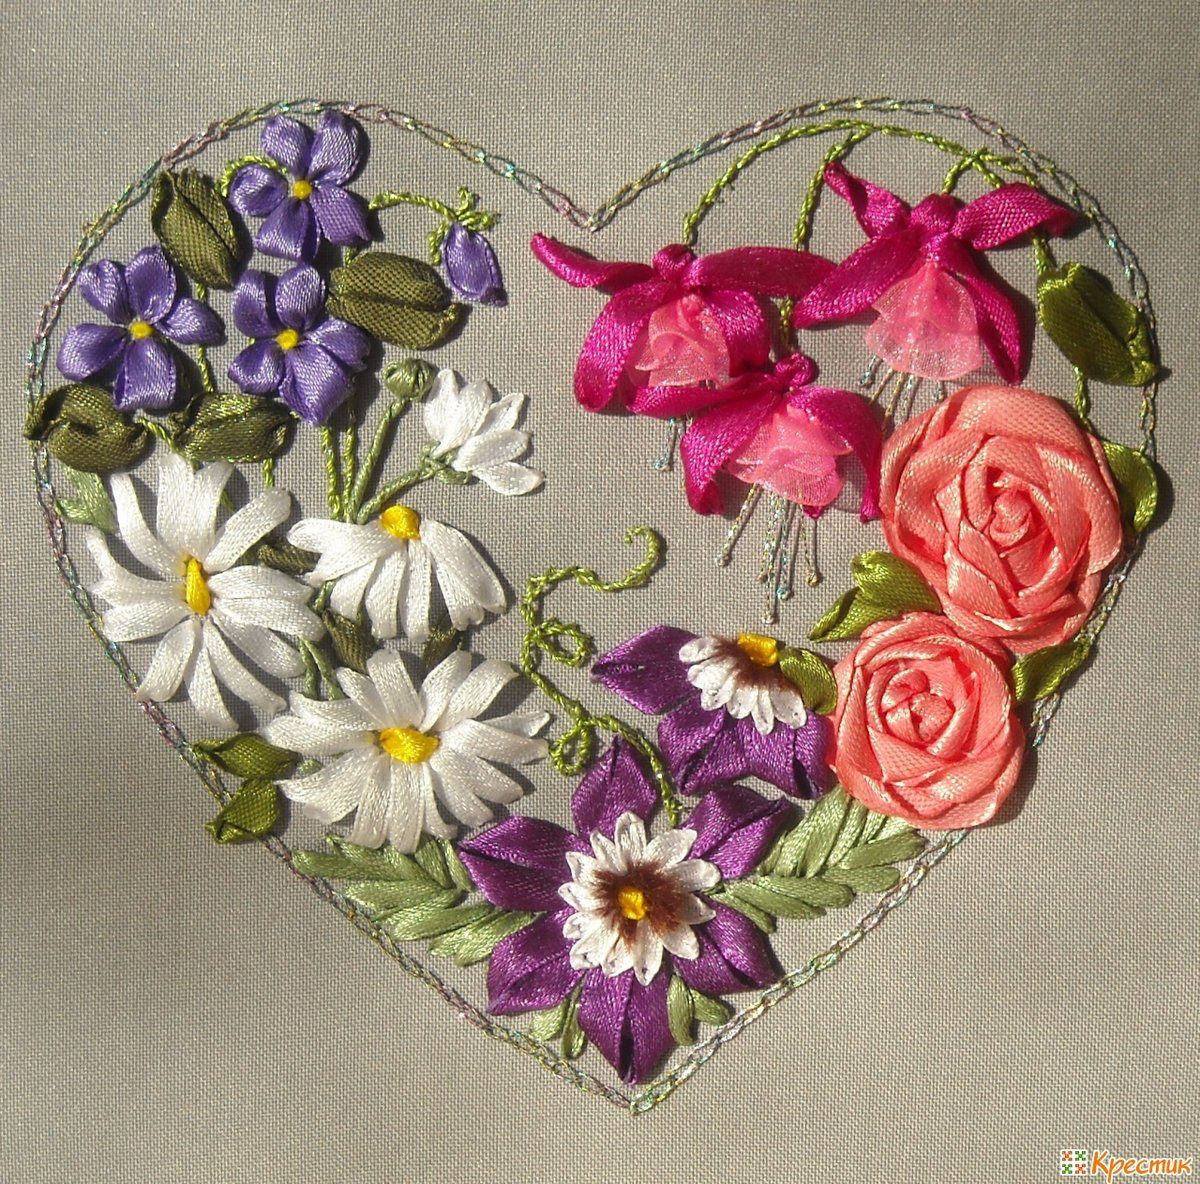 Открытки из атласных лент к 8 марта ромашки и розы